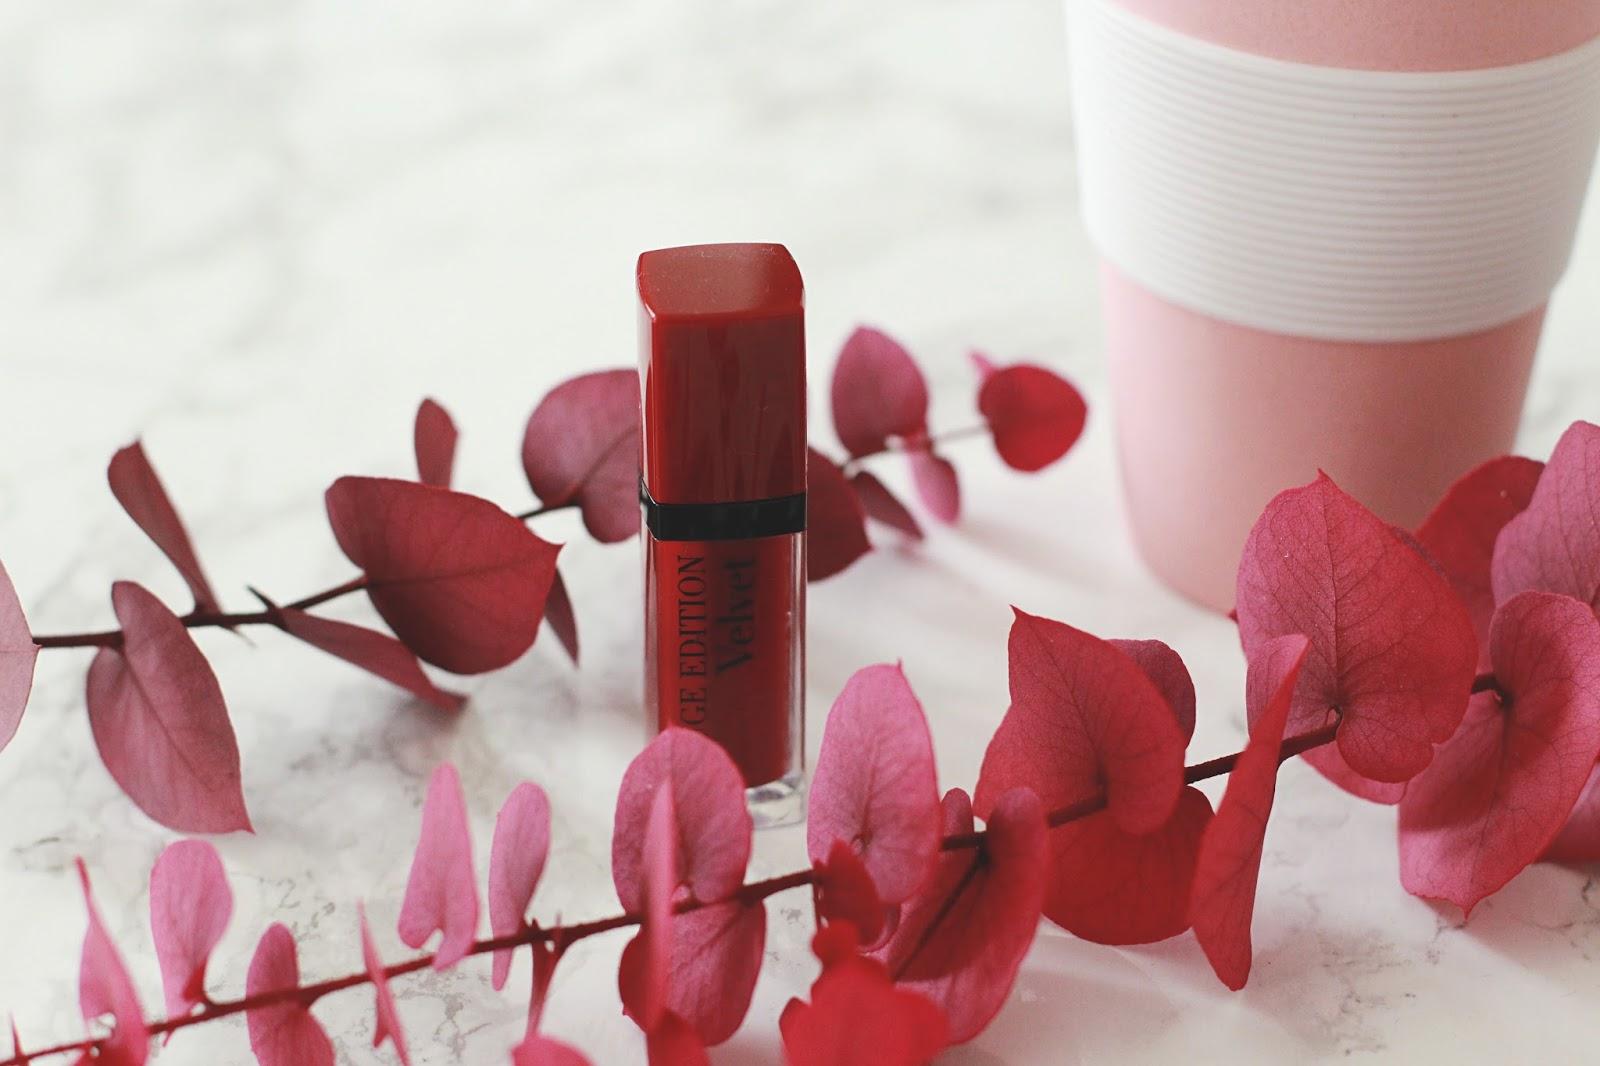 Rouge Edition Velvet Bourjois teinte Grand Cru